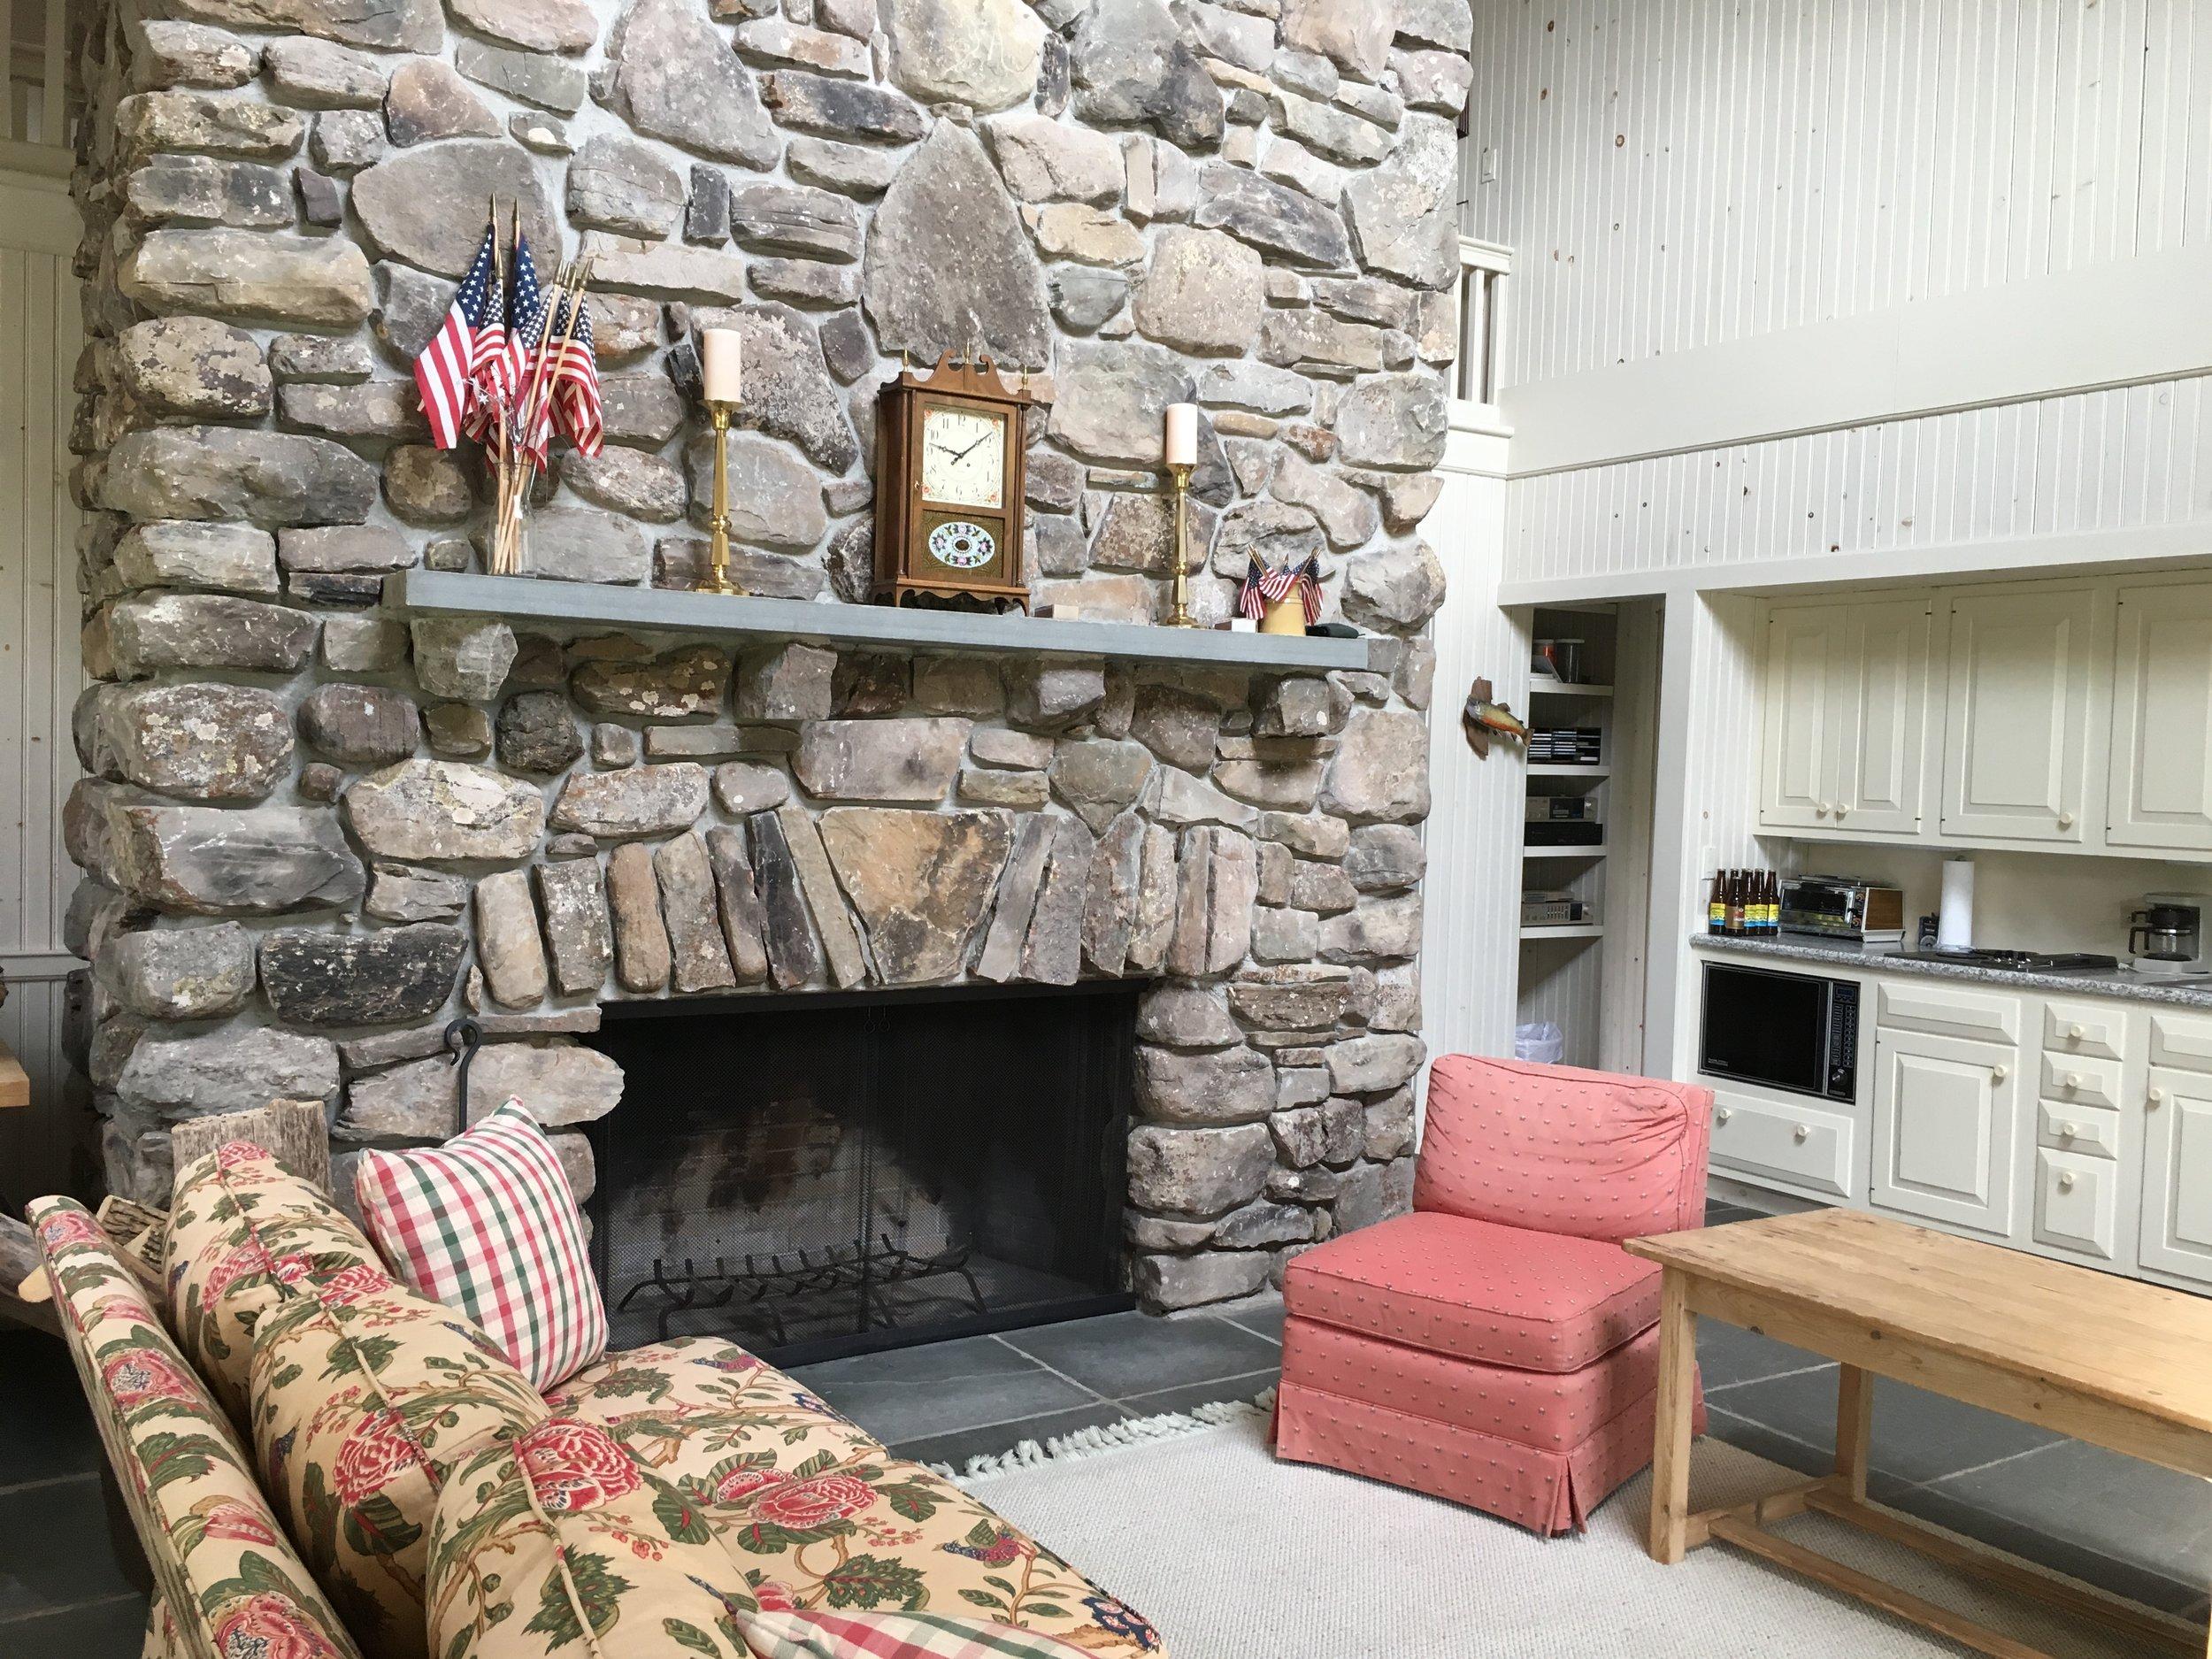 La Anna - Fireplace